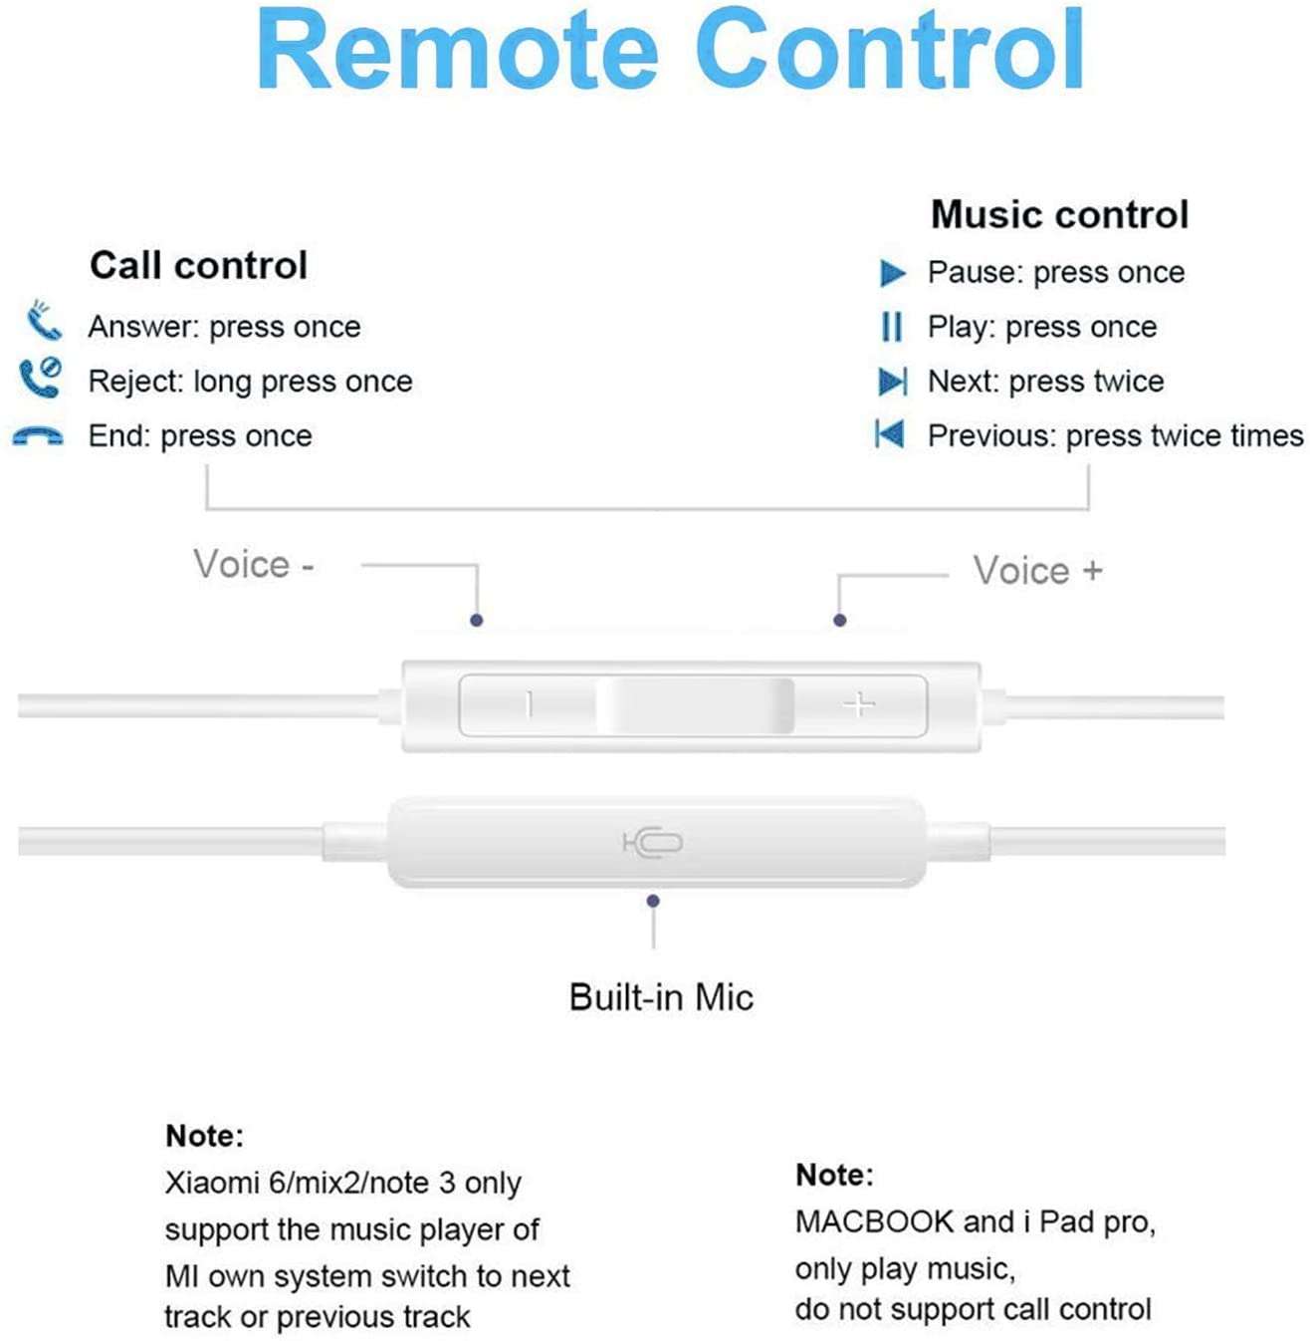 USB Type C Casque St/ér/éo avec T/él/écommande et Micro Filaires Oreillettes pour Huawei P30 Pro//P20 Pro//P20 et Autres Appareils dinterface de Type C USB C /Écouteurs Intra-Auriculaires Blanc